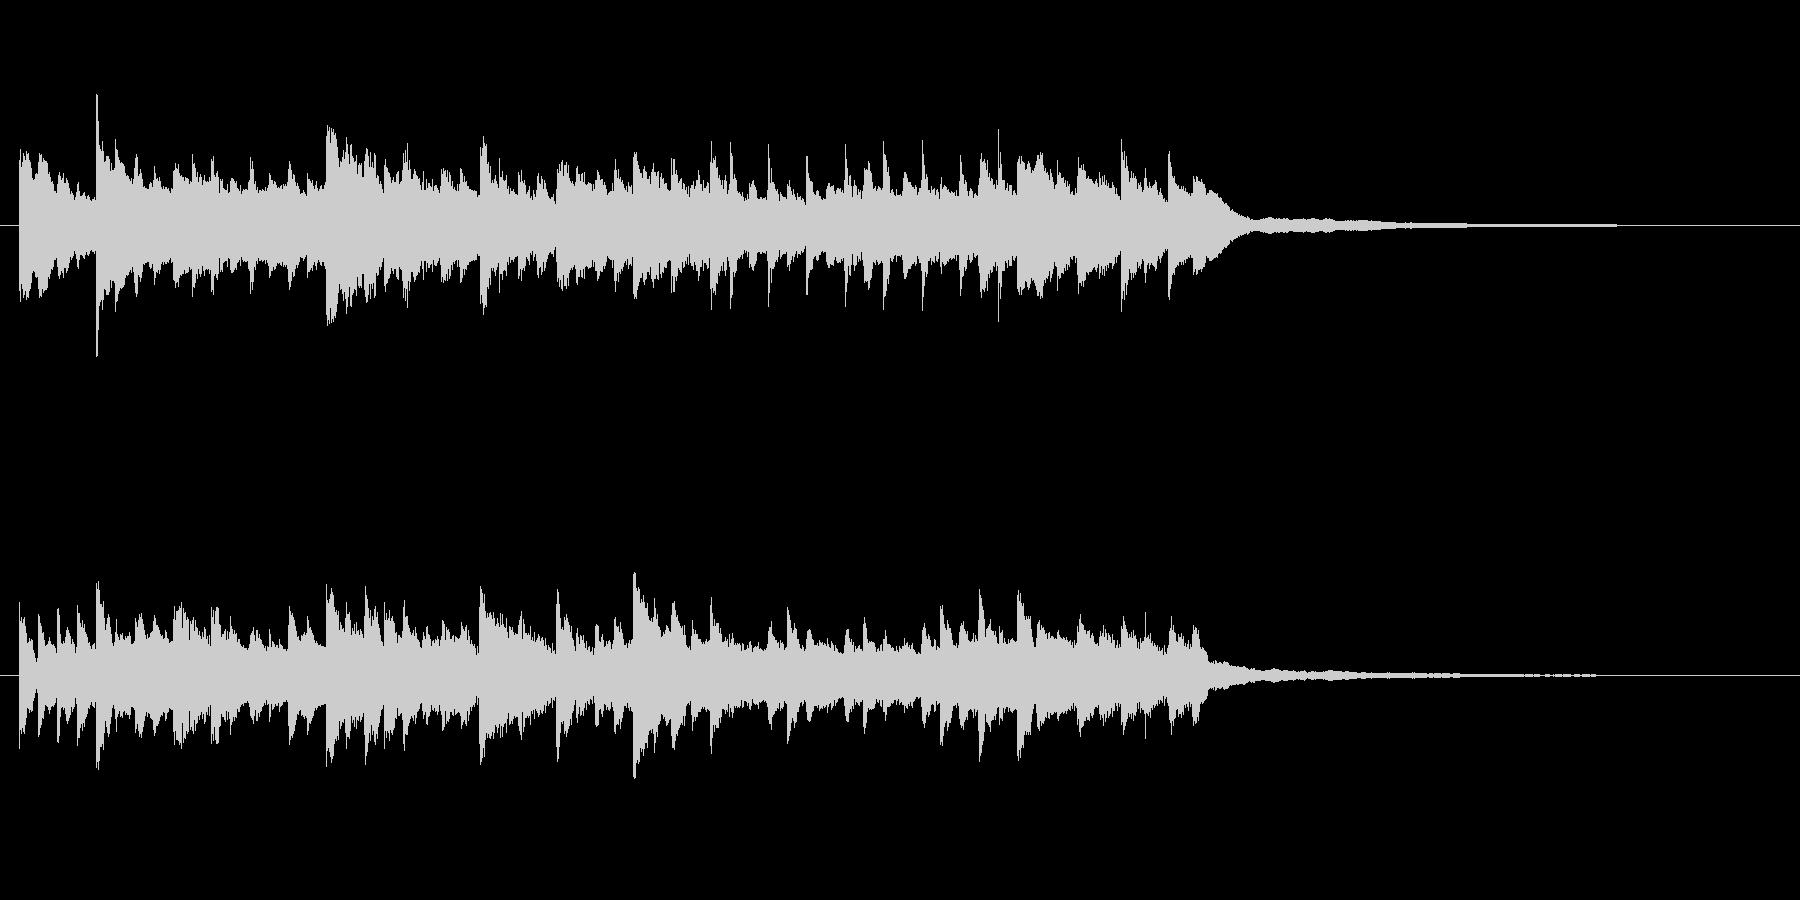 切ないピアノBGM30秒 回想 懐かしいの未再生の波形